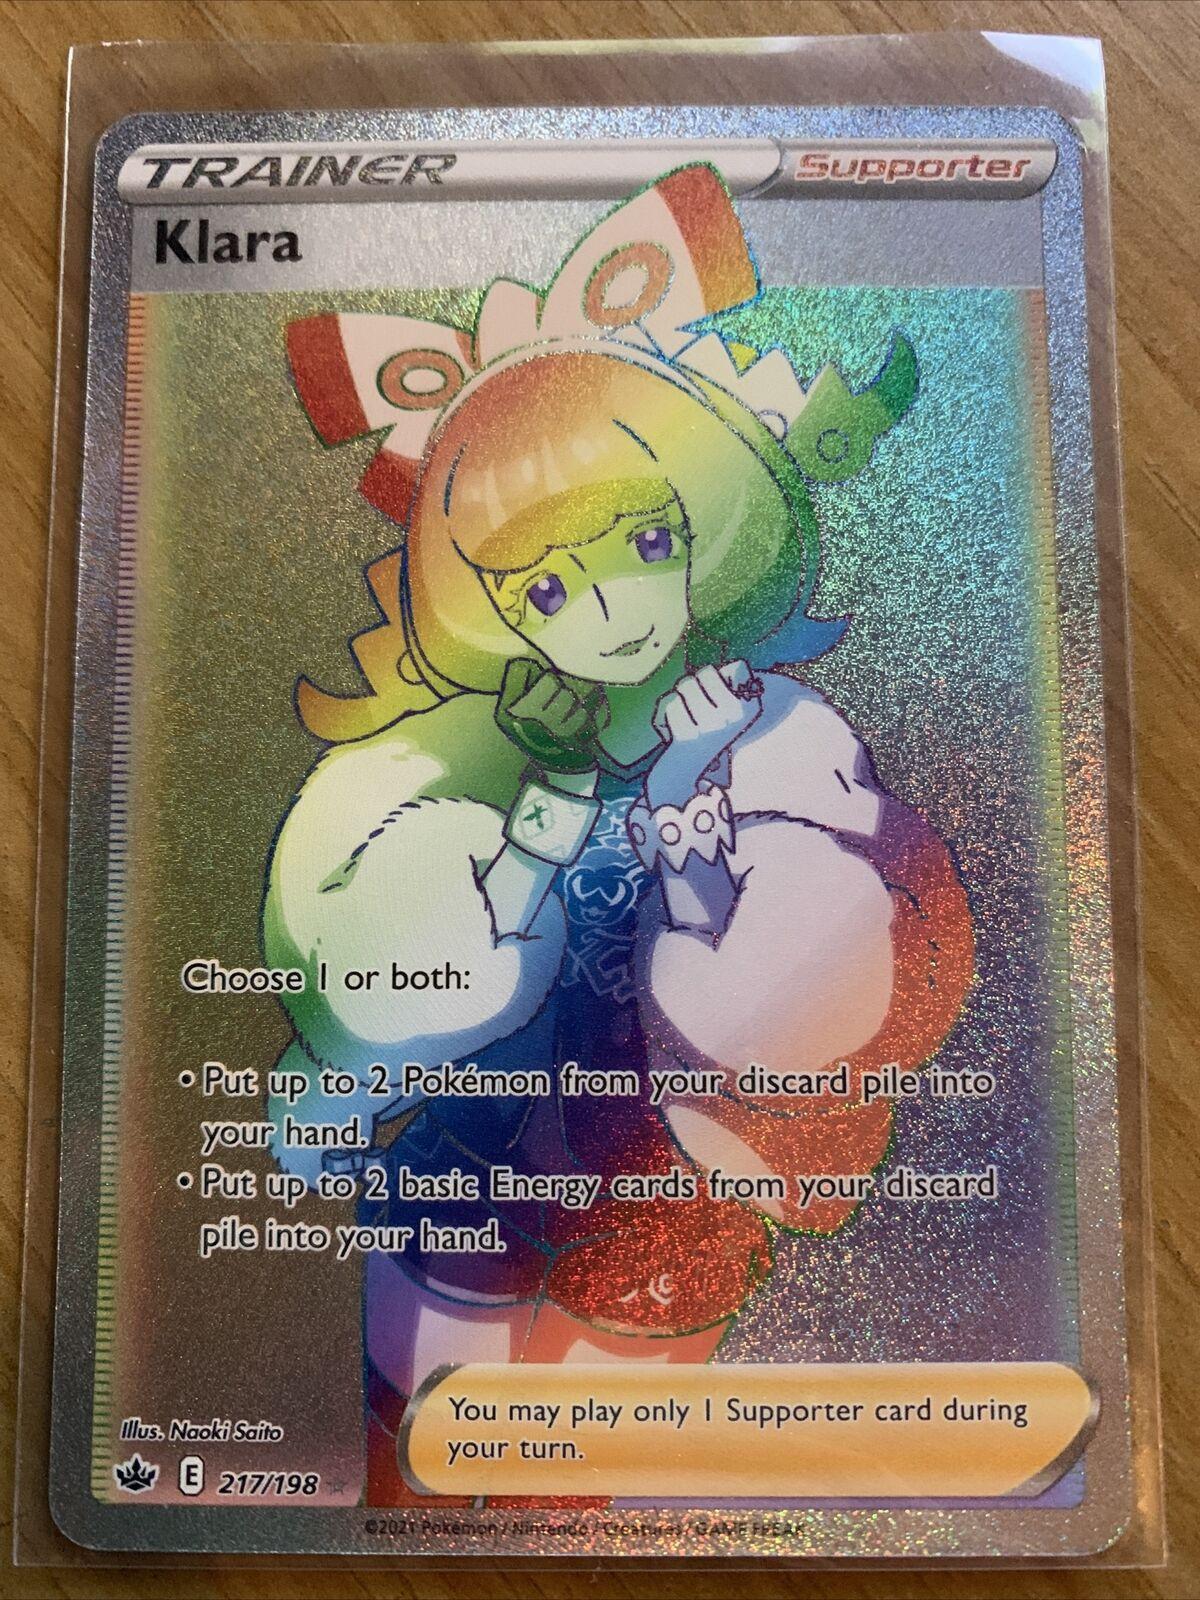 Pokémon Full Art Trainer Secret Rare Klara (217/198) Chilling Reign